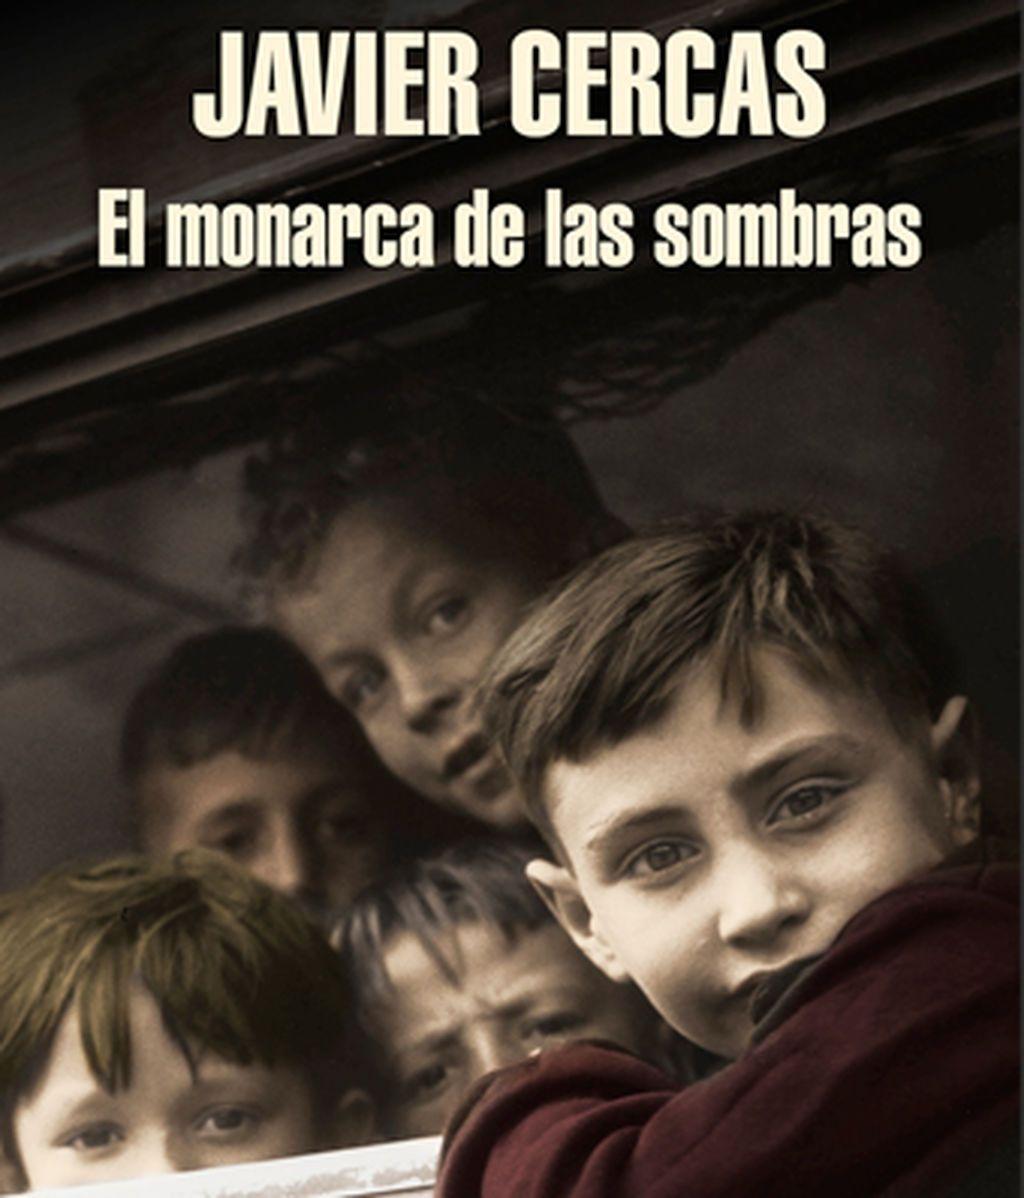 EL MONARCA DE LAS SOMBRAS de Javier Cercas